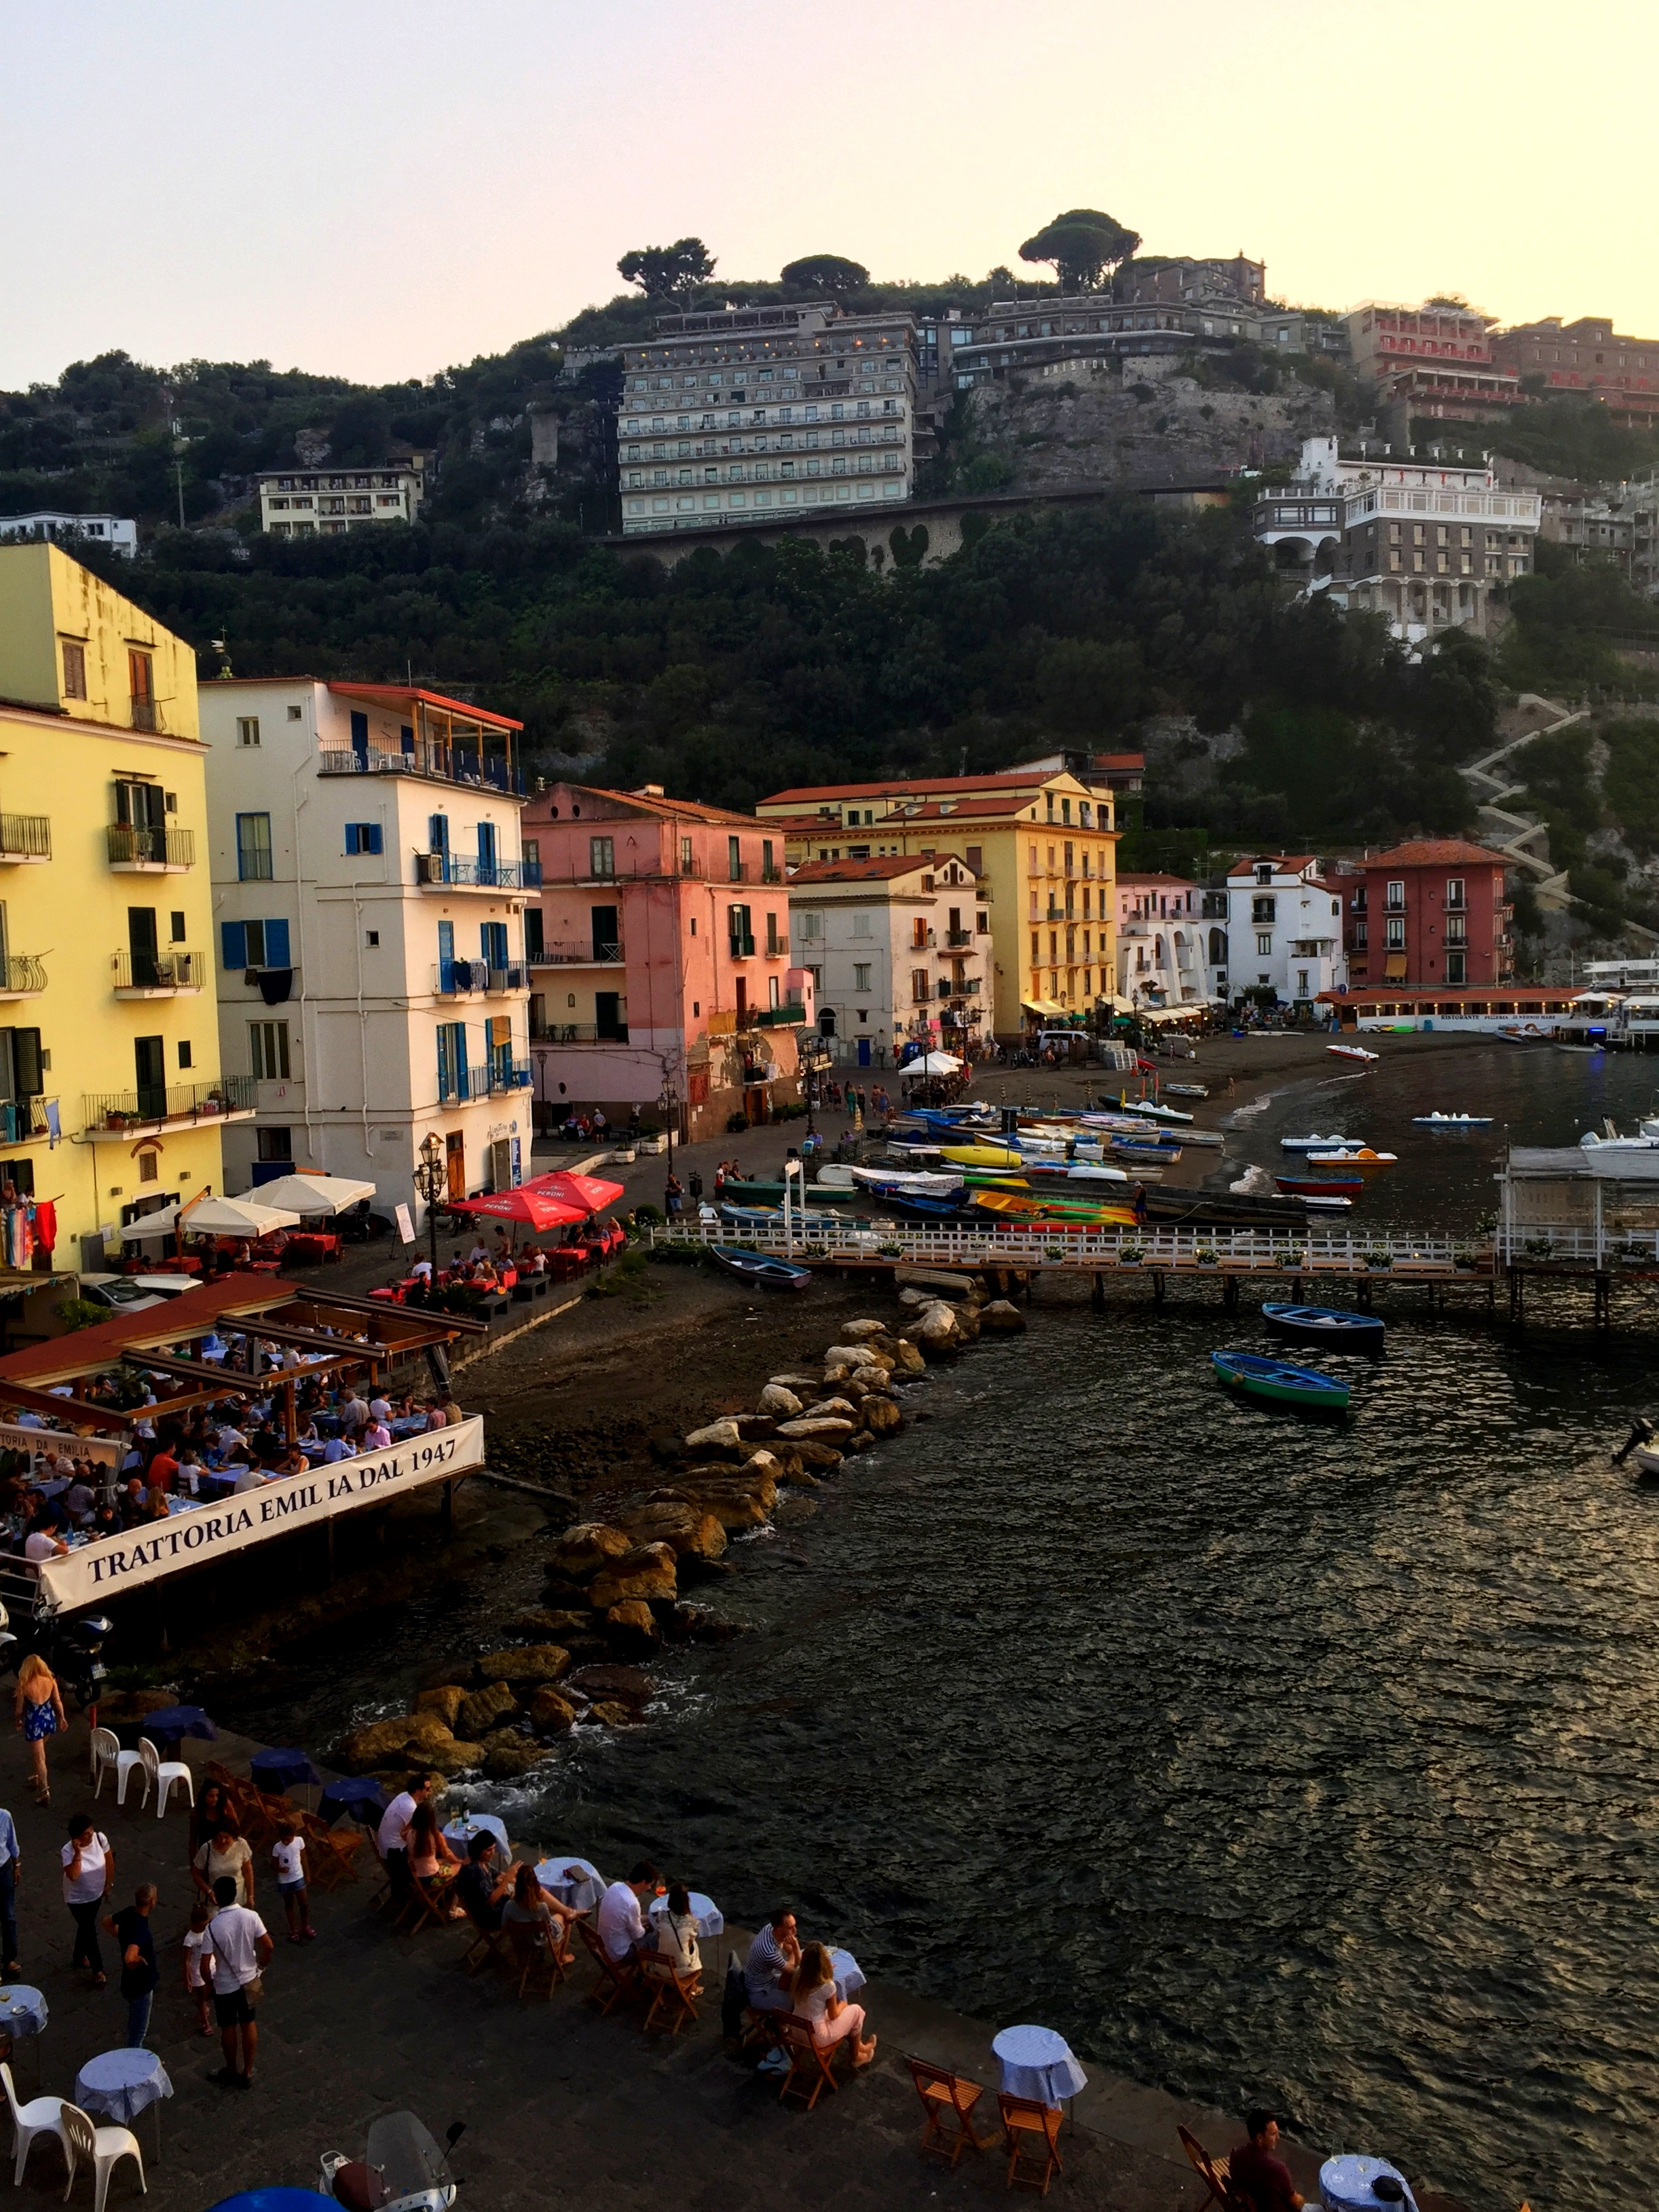 Häämatka Italiaan, Sorrento